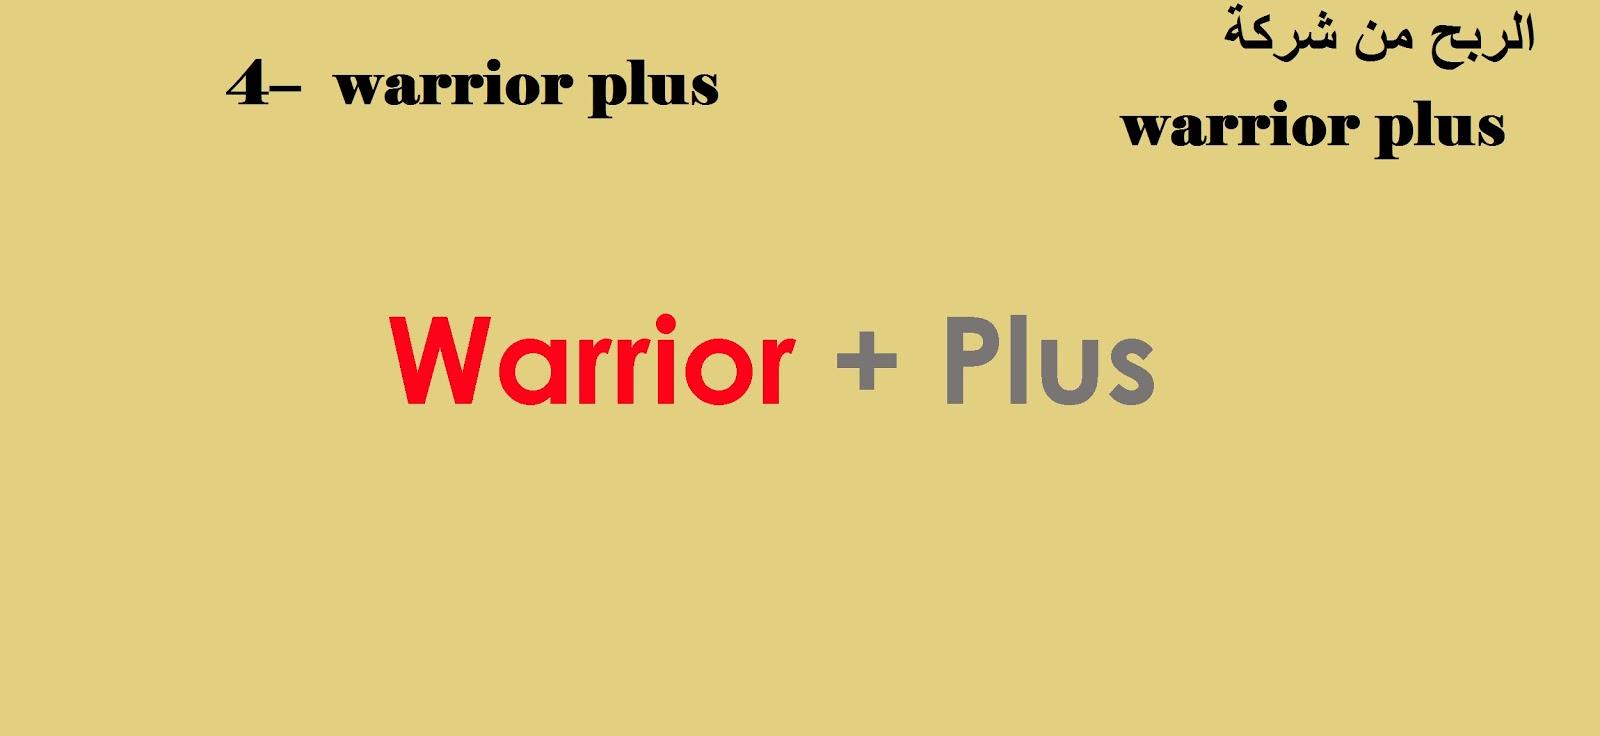 مواقع التسويق بالعمولة,warrior plus,التسويق بالعمولة, الافلييت, الافلييت ماركتينغ,الربح من الافلييت ماركتنج, الربح من التسويق بالعمولة, برنامج التسويق بالعمولة, افضل مواقع الافلييت, الربح من الافلييت, كورس التسويق بالعمولة, الافلييت للمبتدئين,